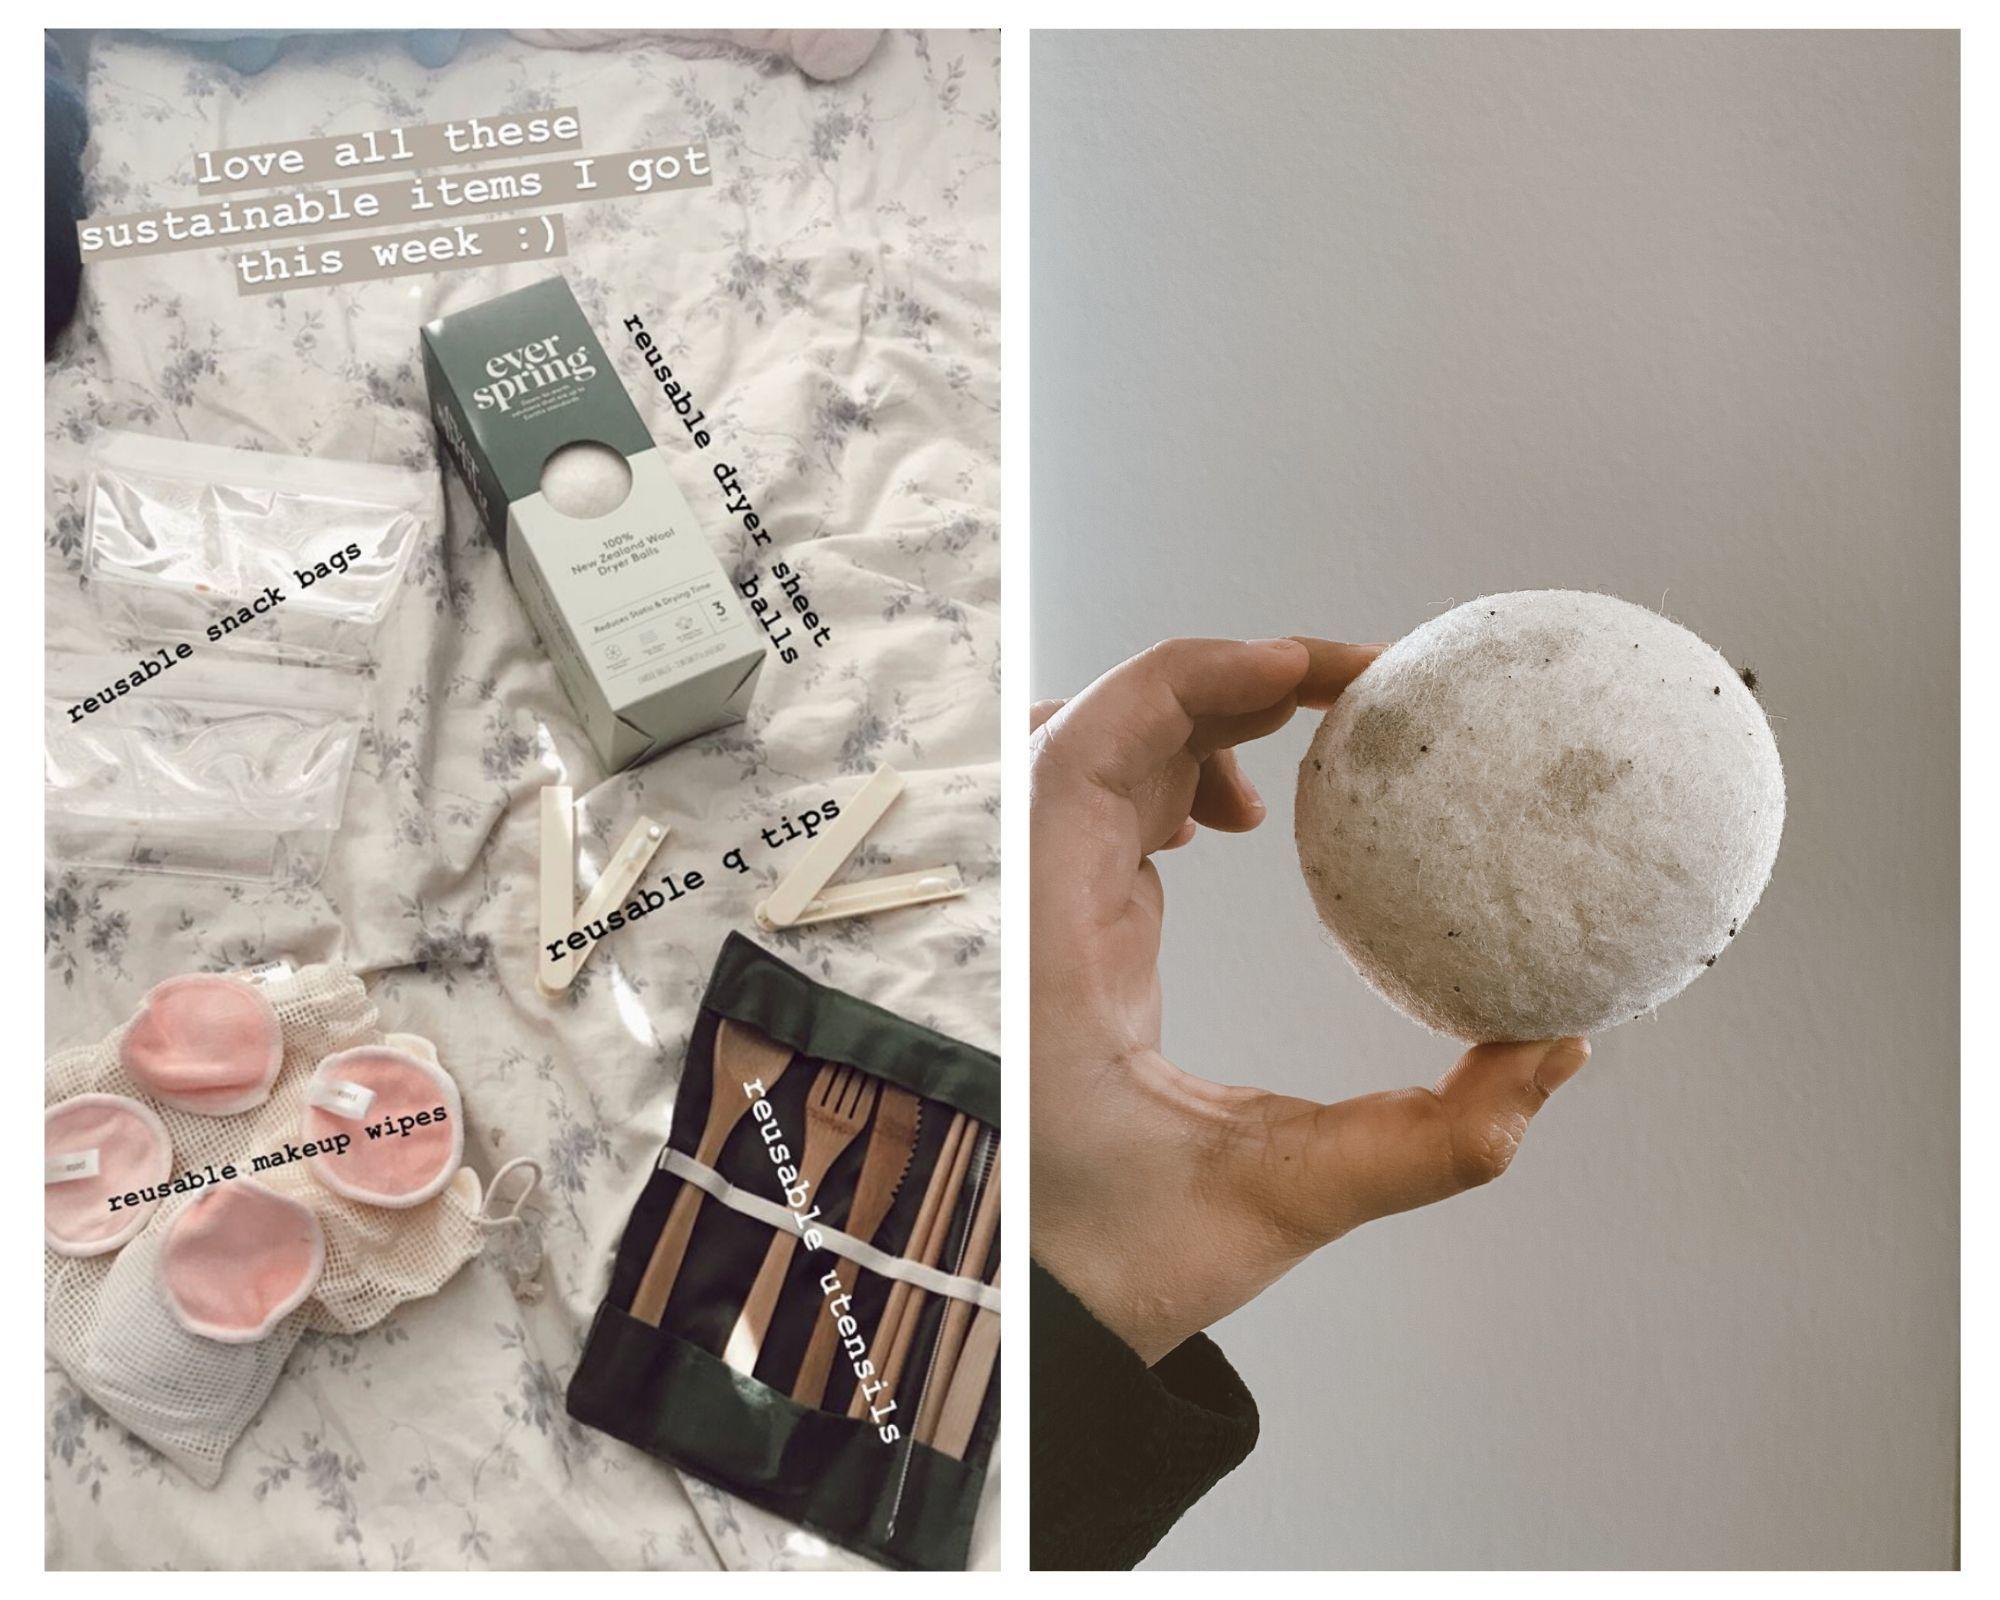 reusable items: make up pads, dryer sheet balls, reusable utensils